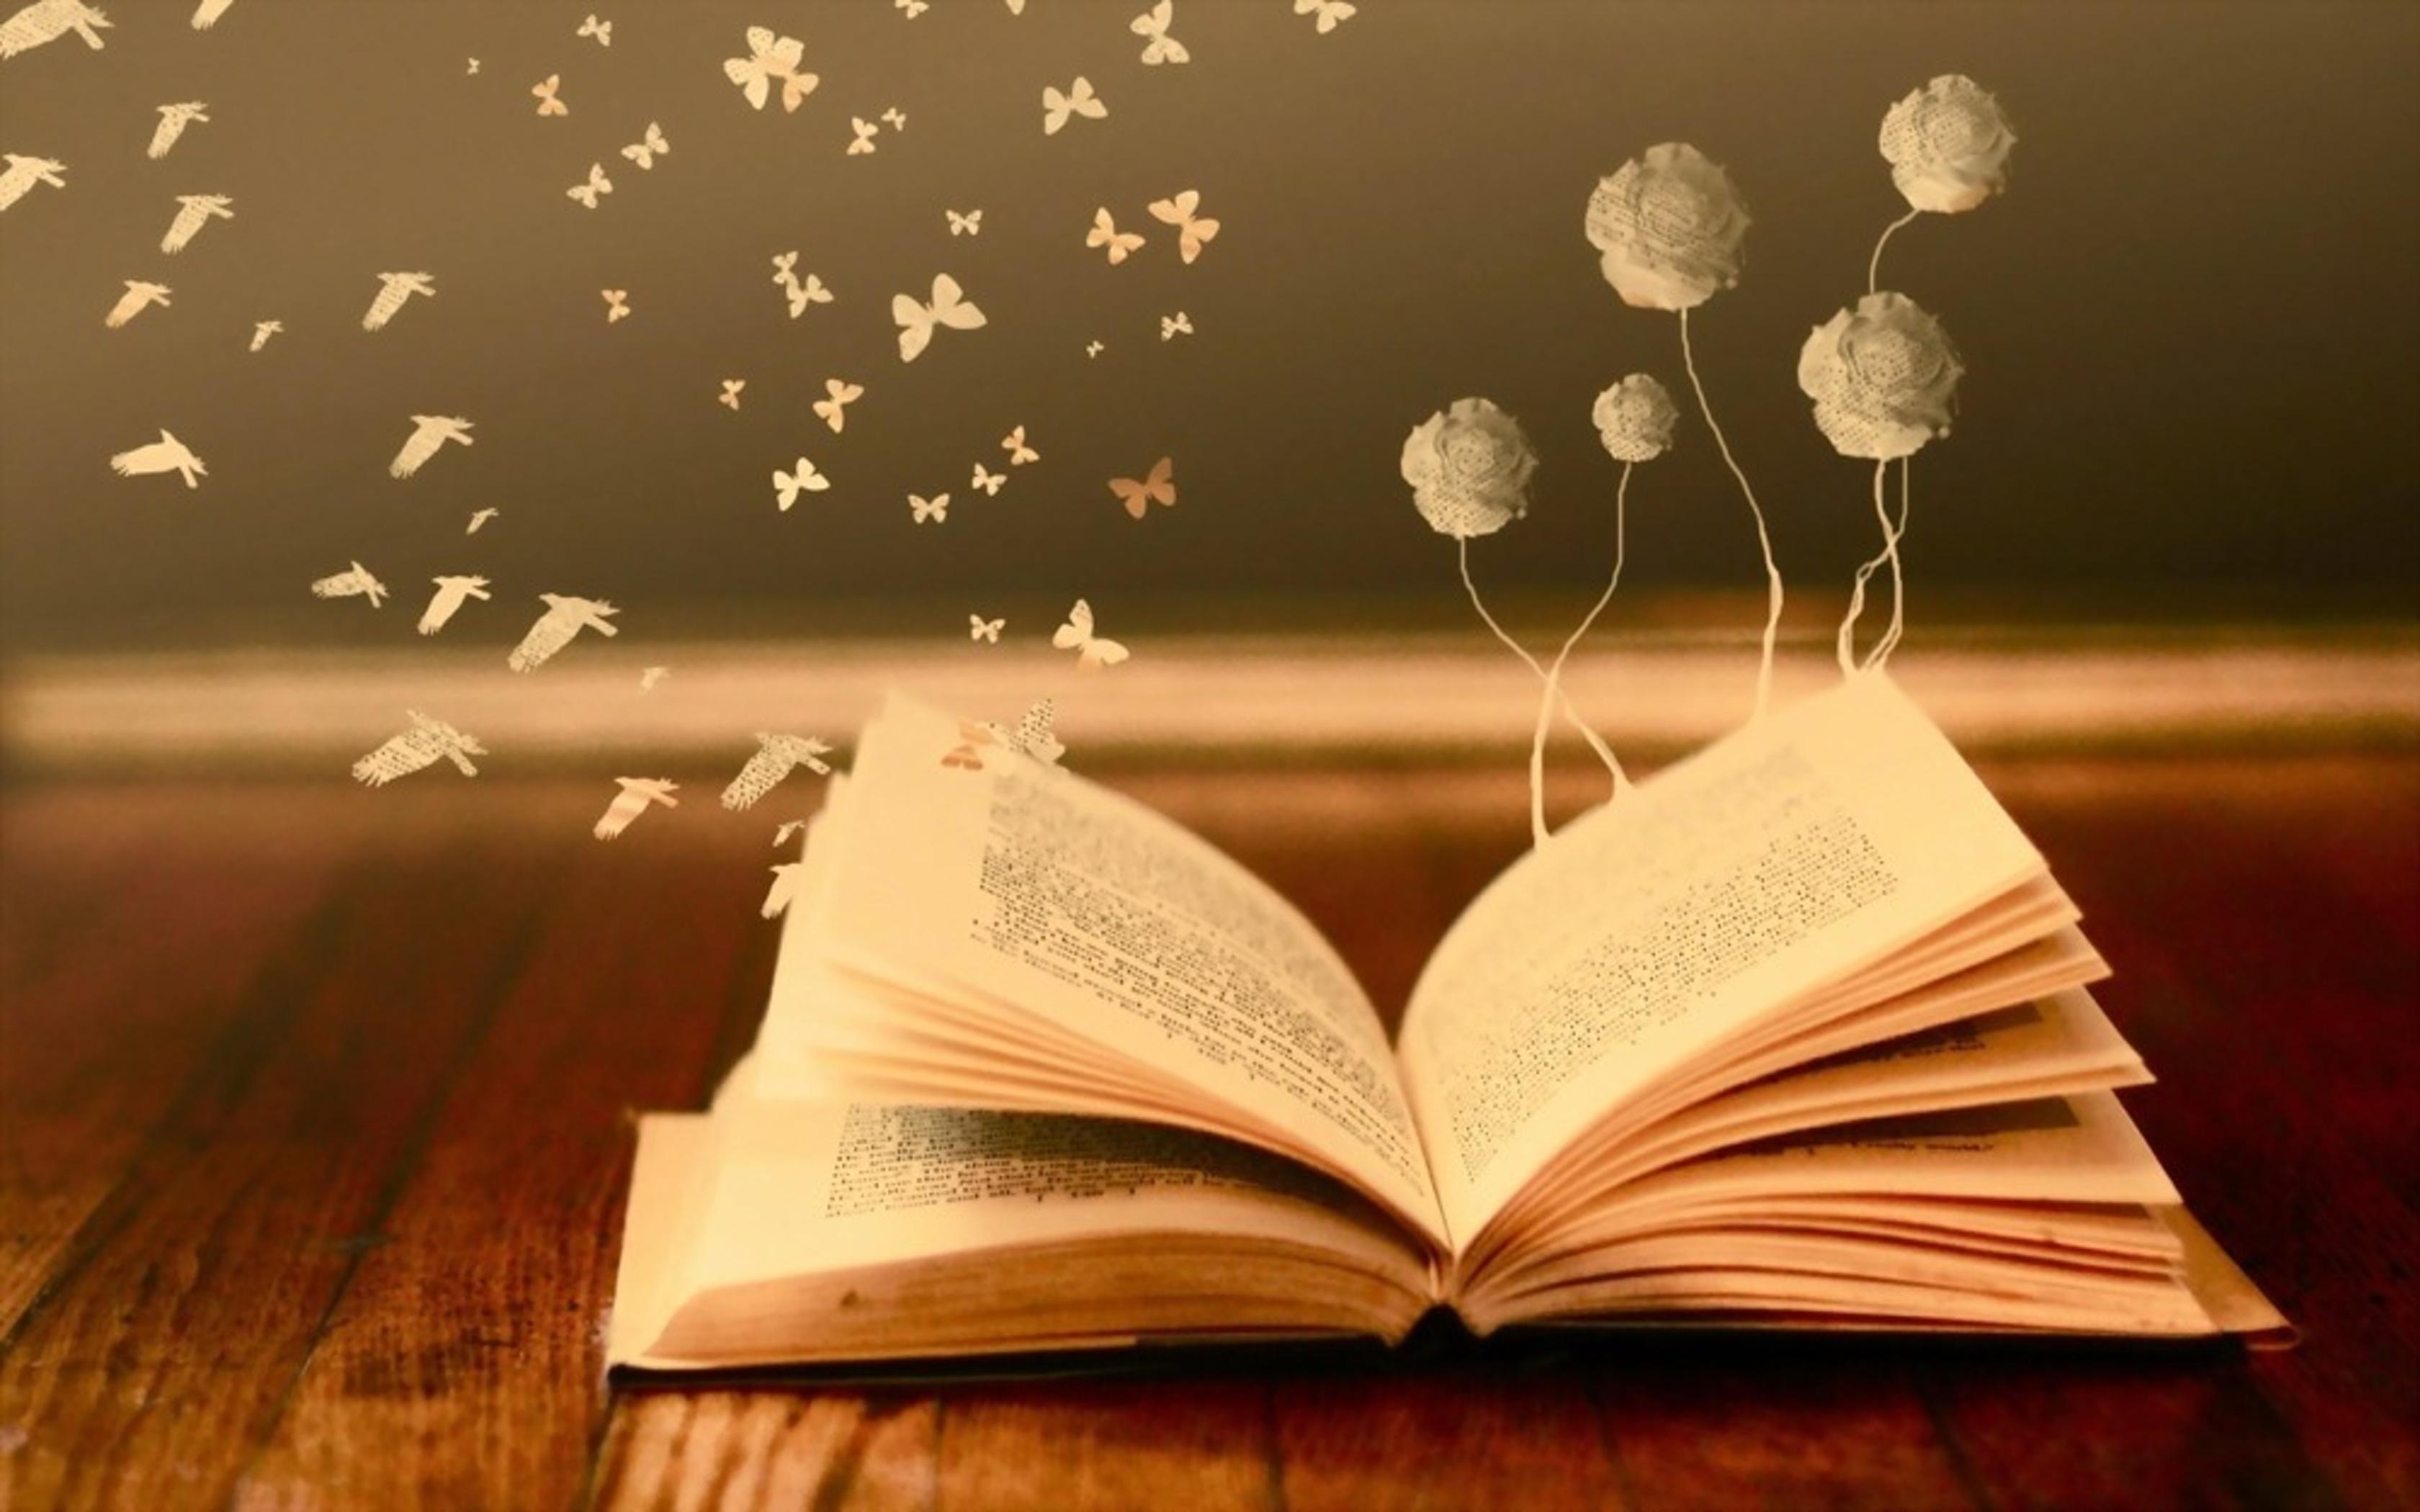 книга слова макро book words macro  № 1998350 бесплатно